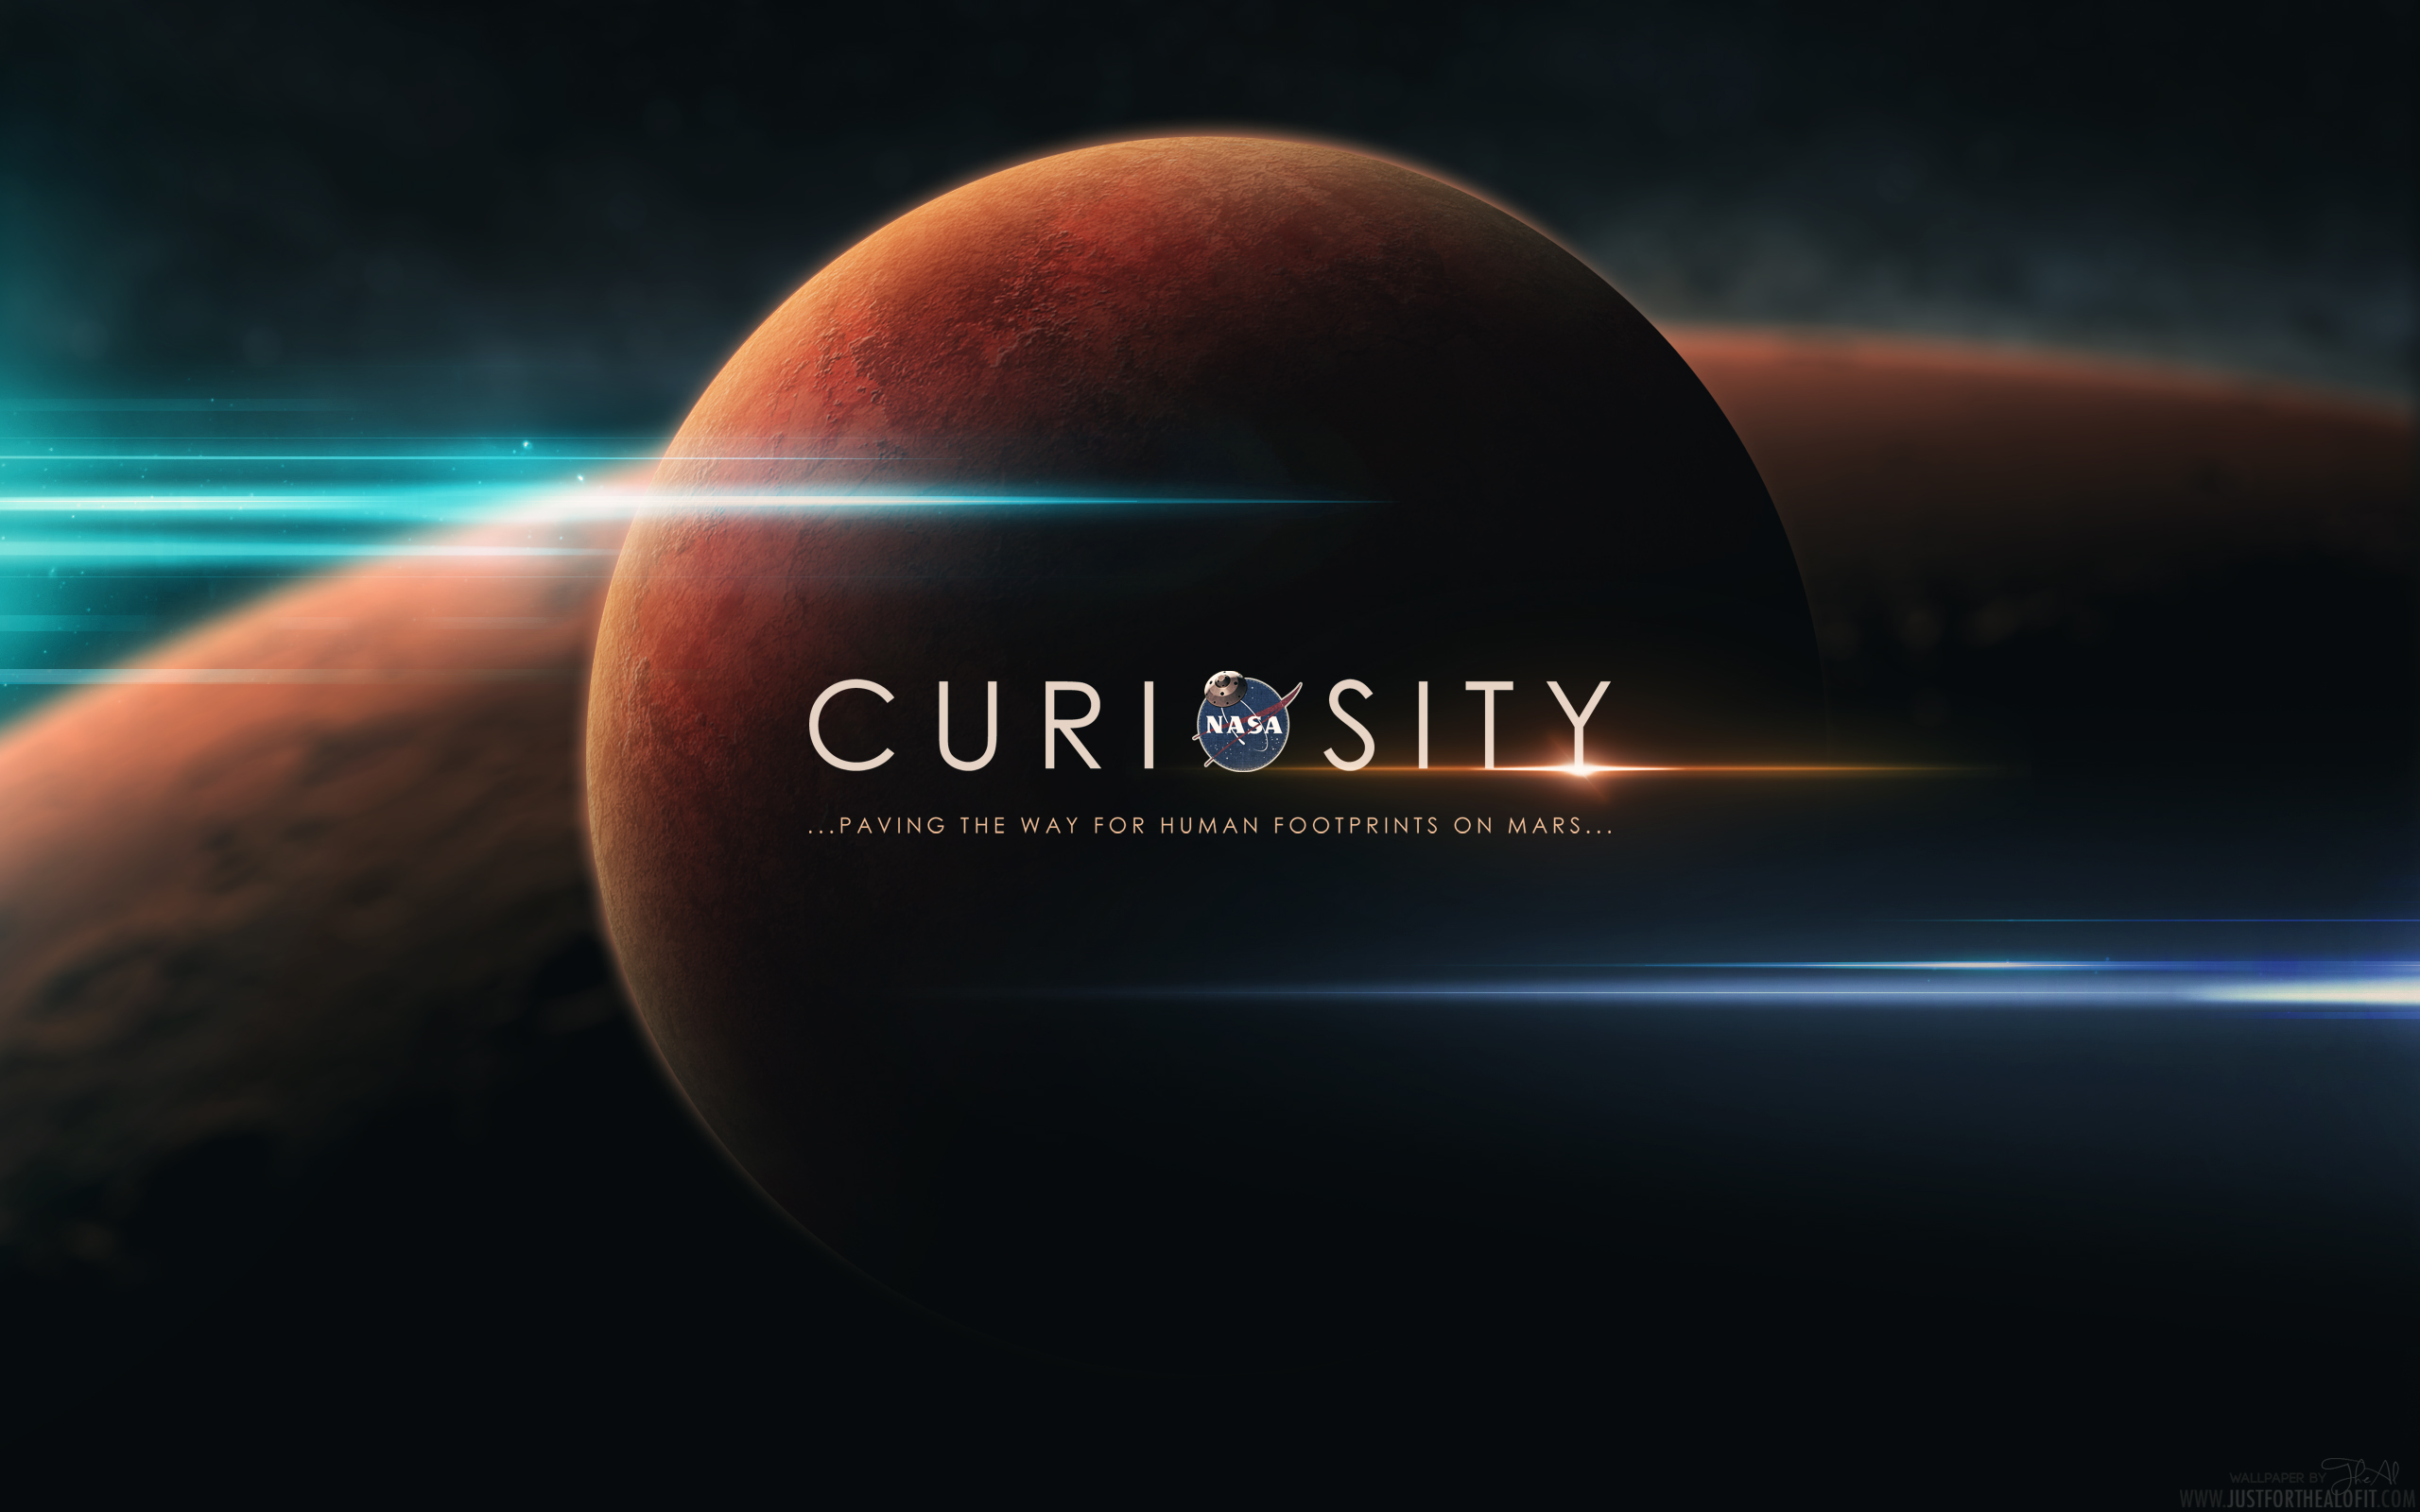 Nasa Mars Curiosity Wallpaper - Nasa Mars Curiosity Wallpaper